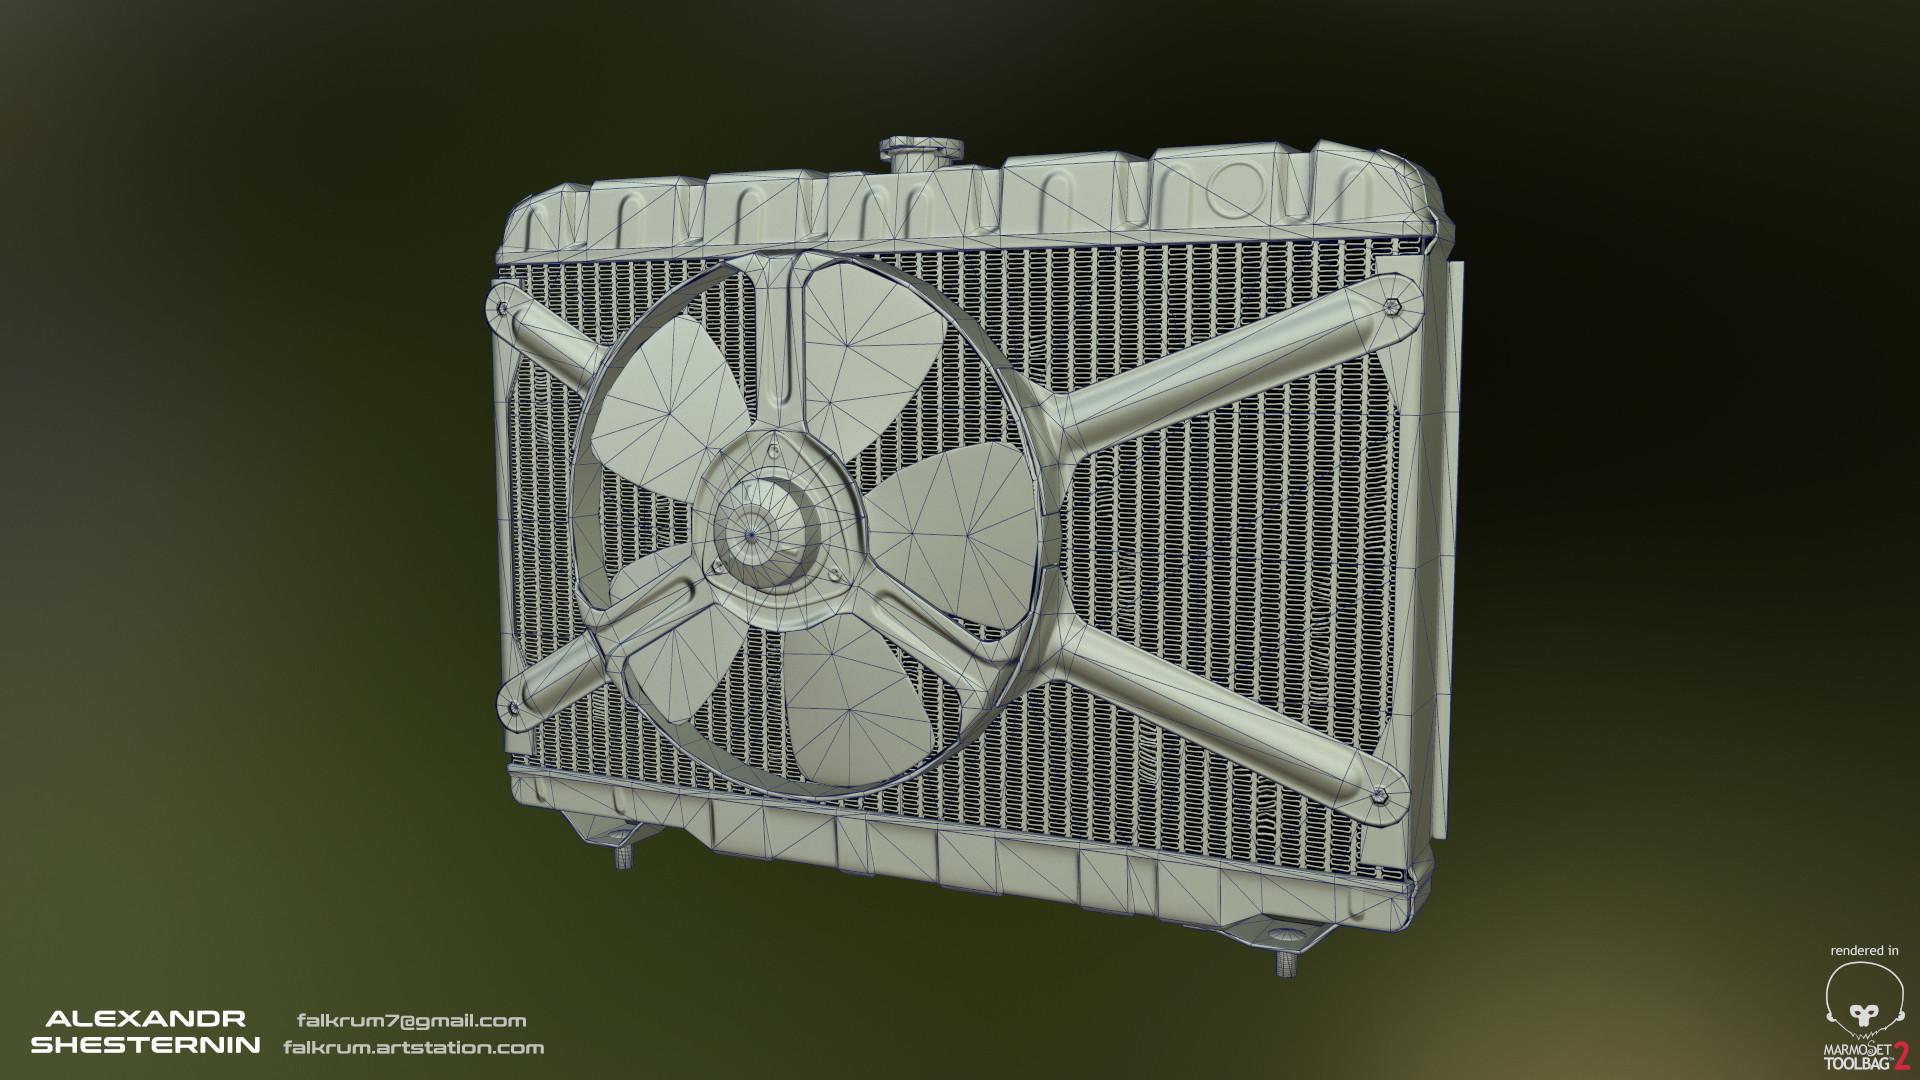 Alexandr shesternin radiator03